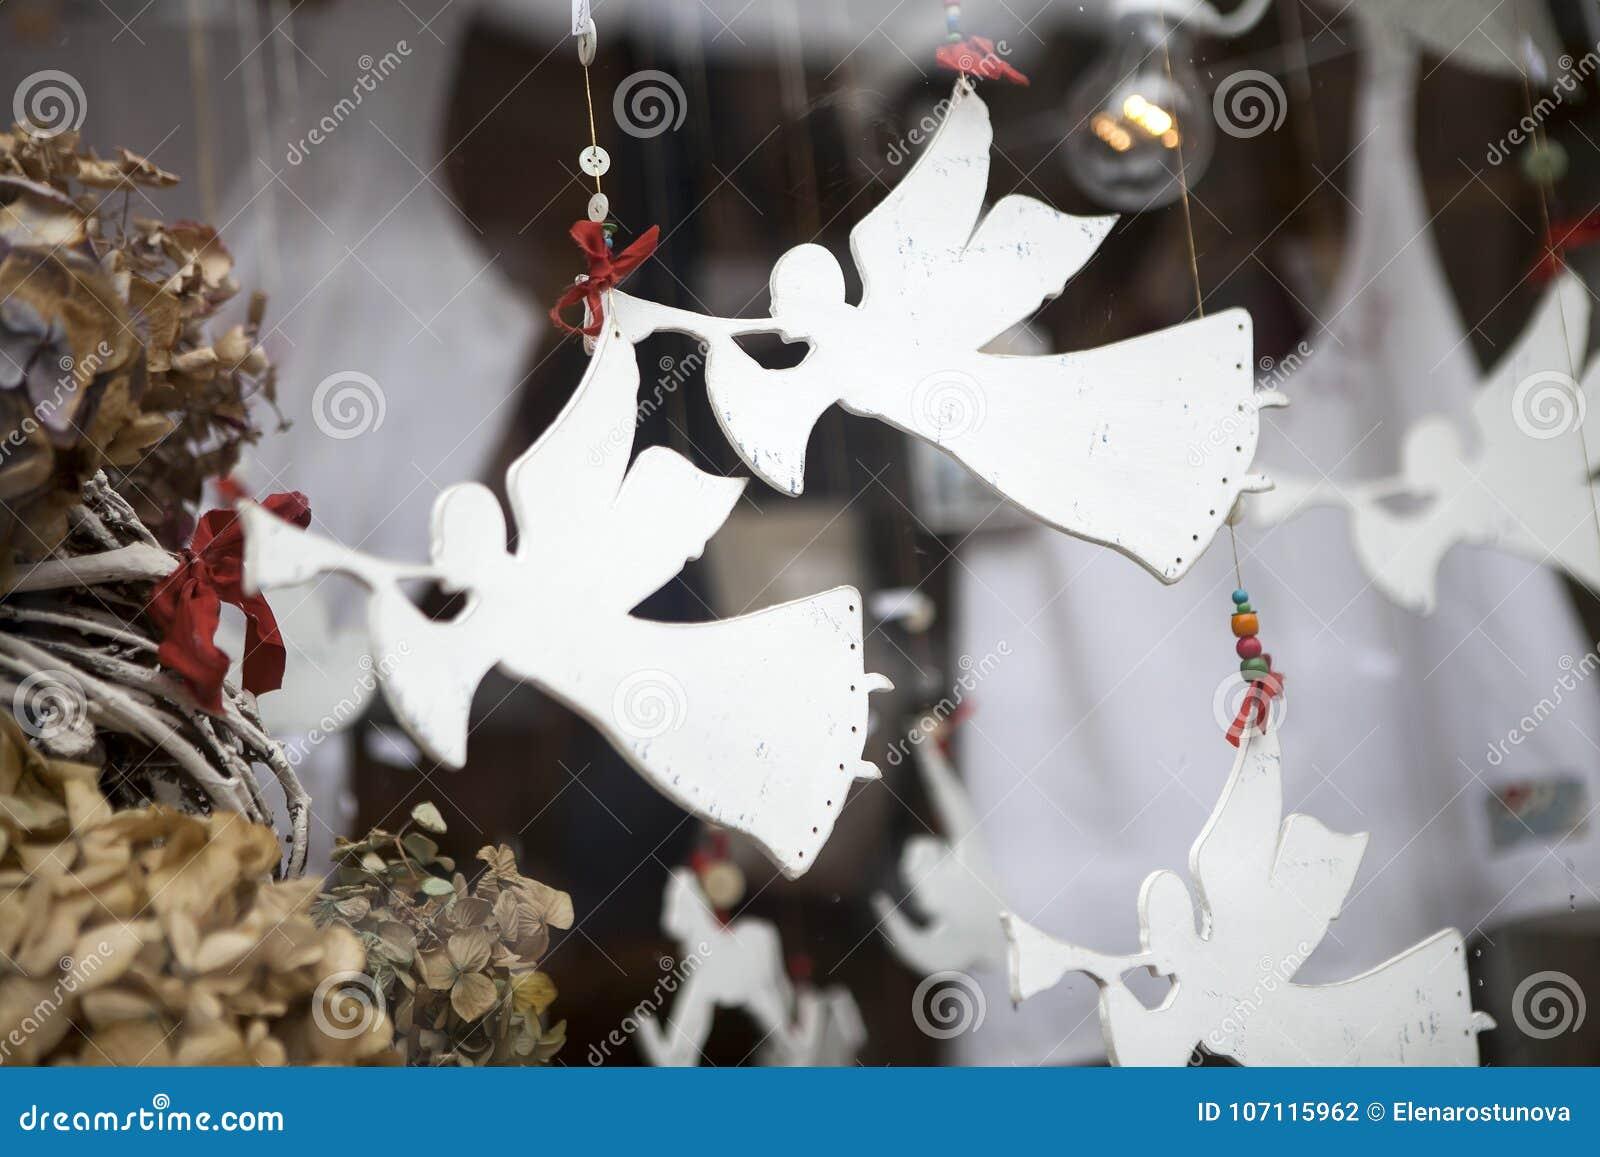 Gli Angeli Di Carta Suonano La Tromba Nei Tubi Figure Di Carta Come